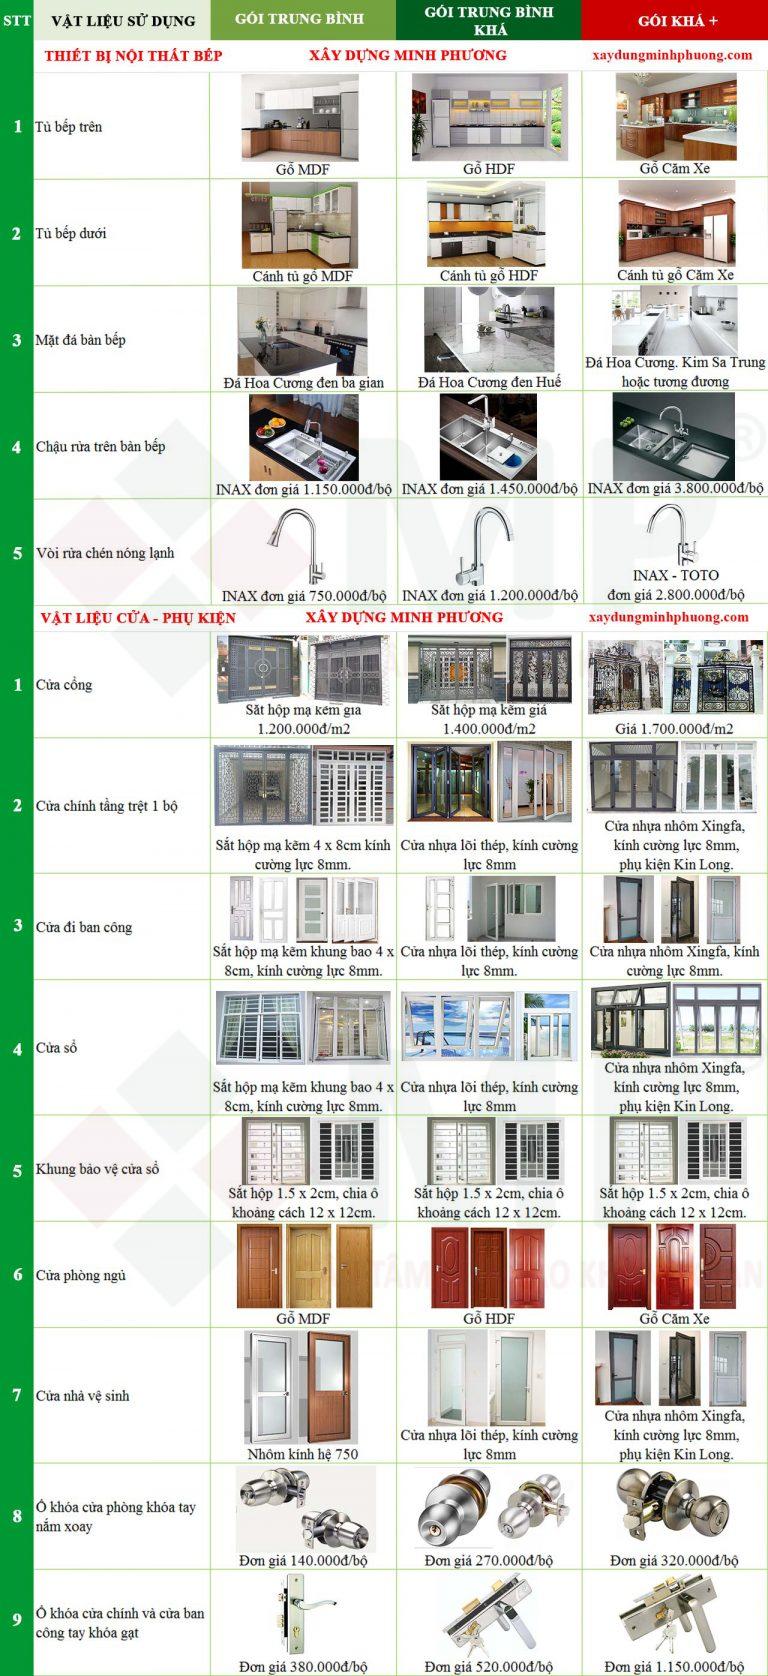 Chi phí thiết kế xây dựng nhà 3 tầng 110m2